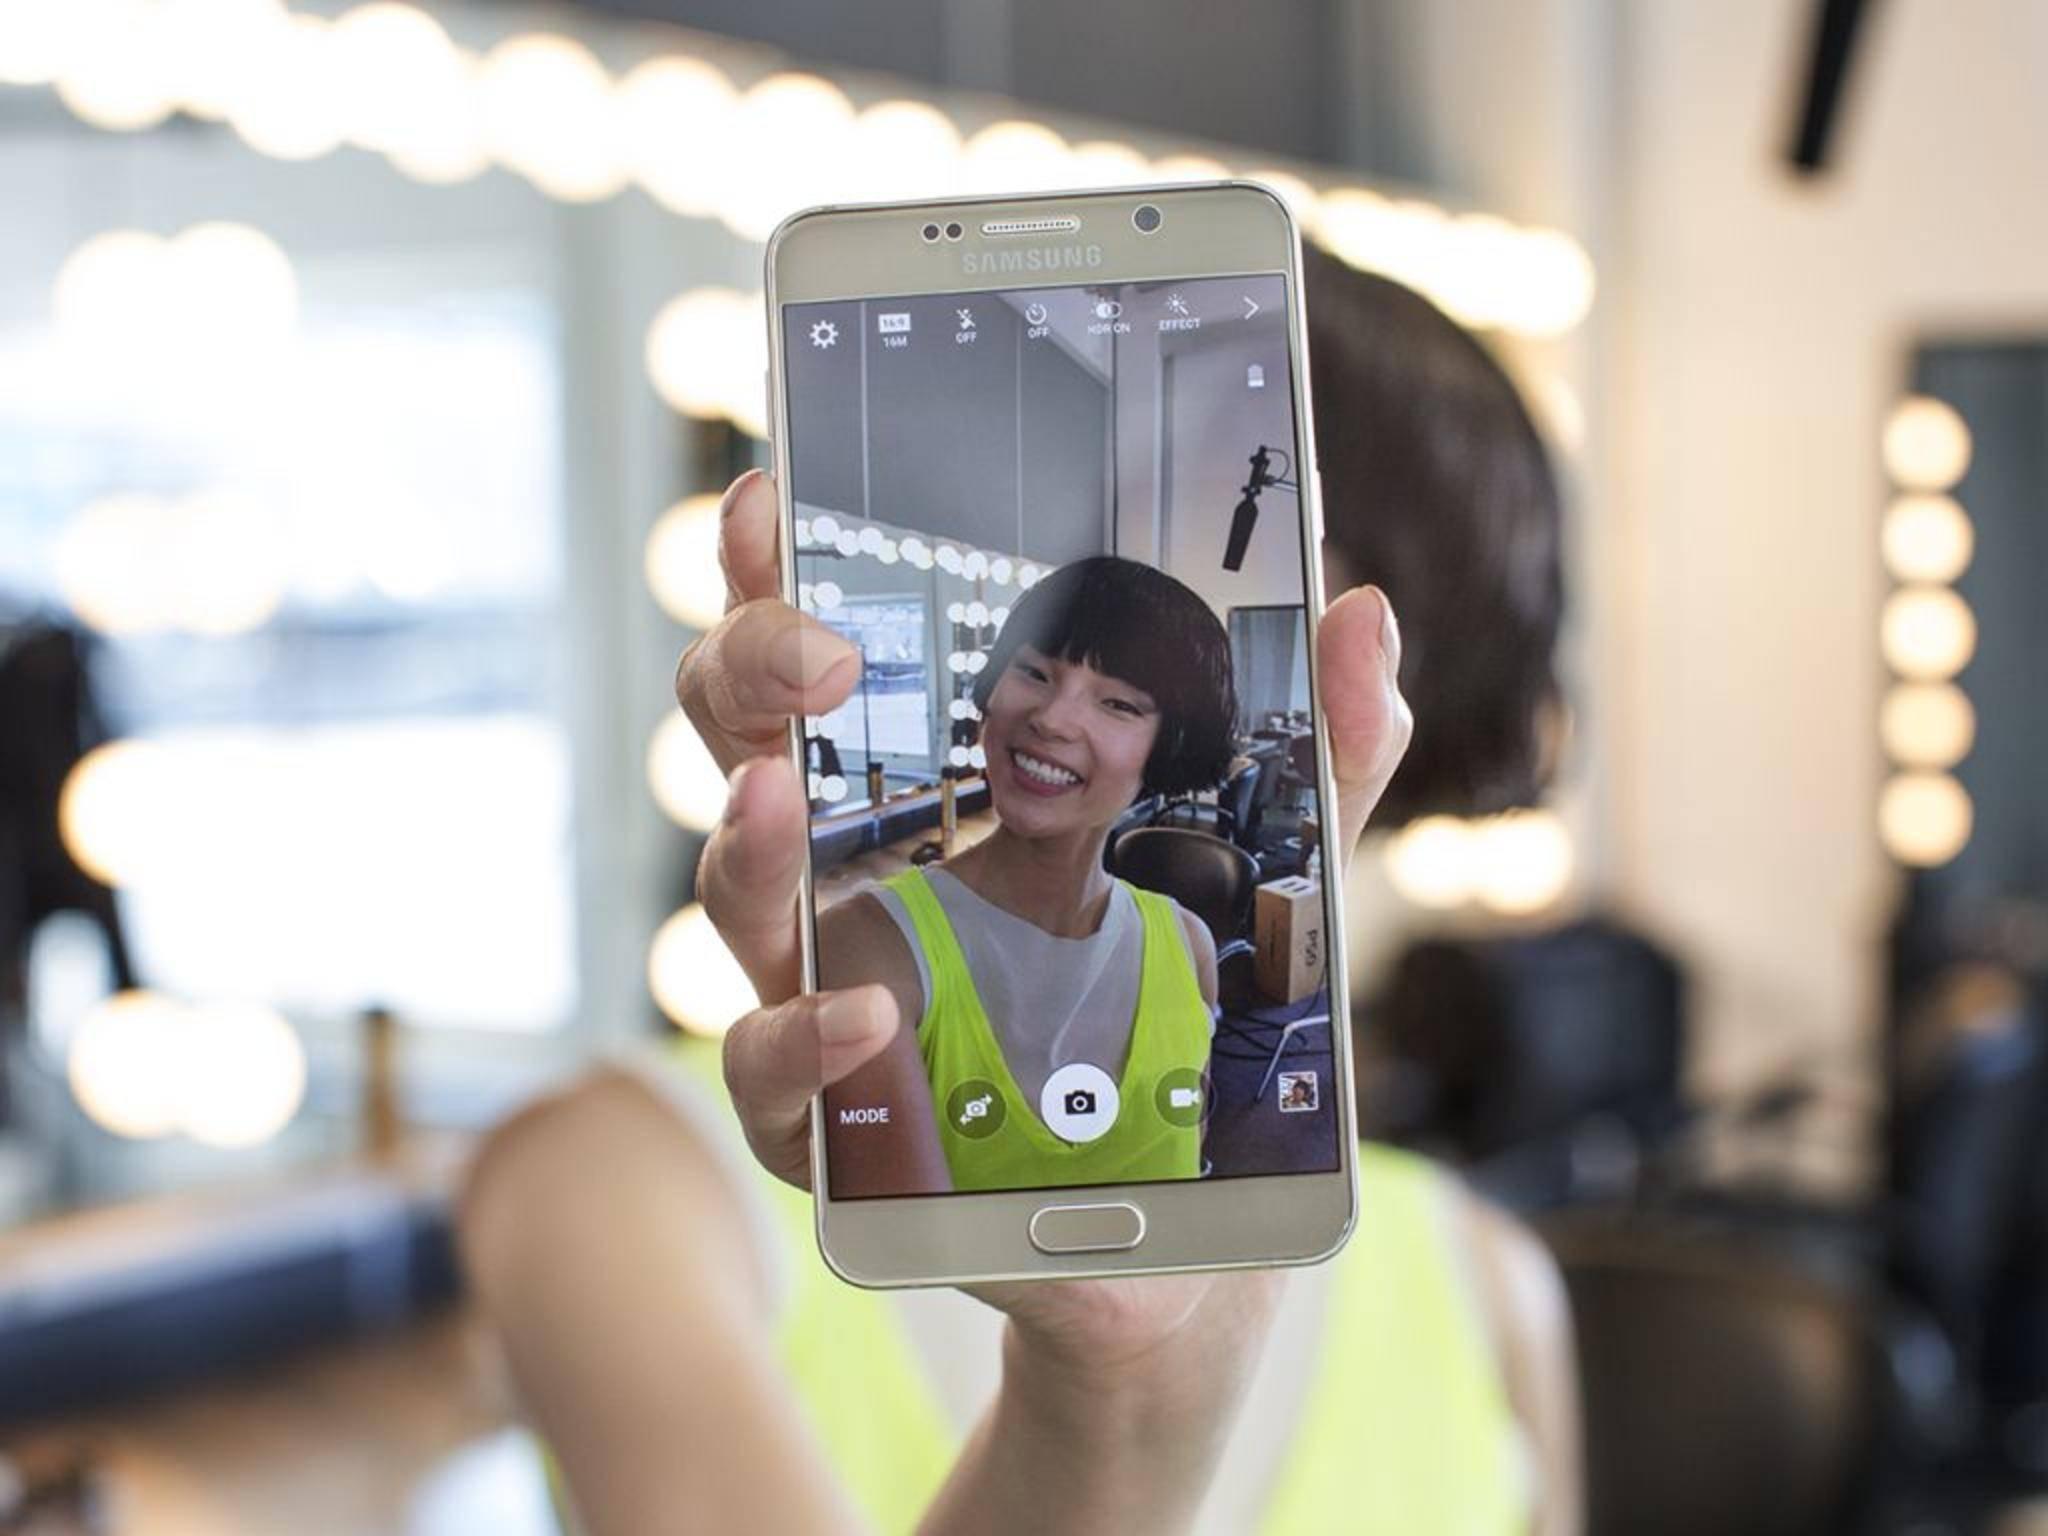 Erscheint das Galaxy Note 5 am 28. August in Europa?